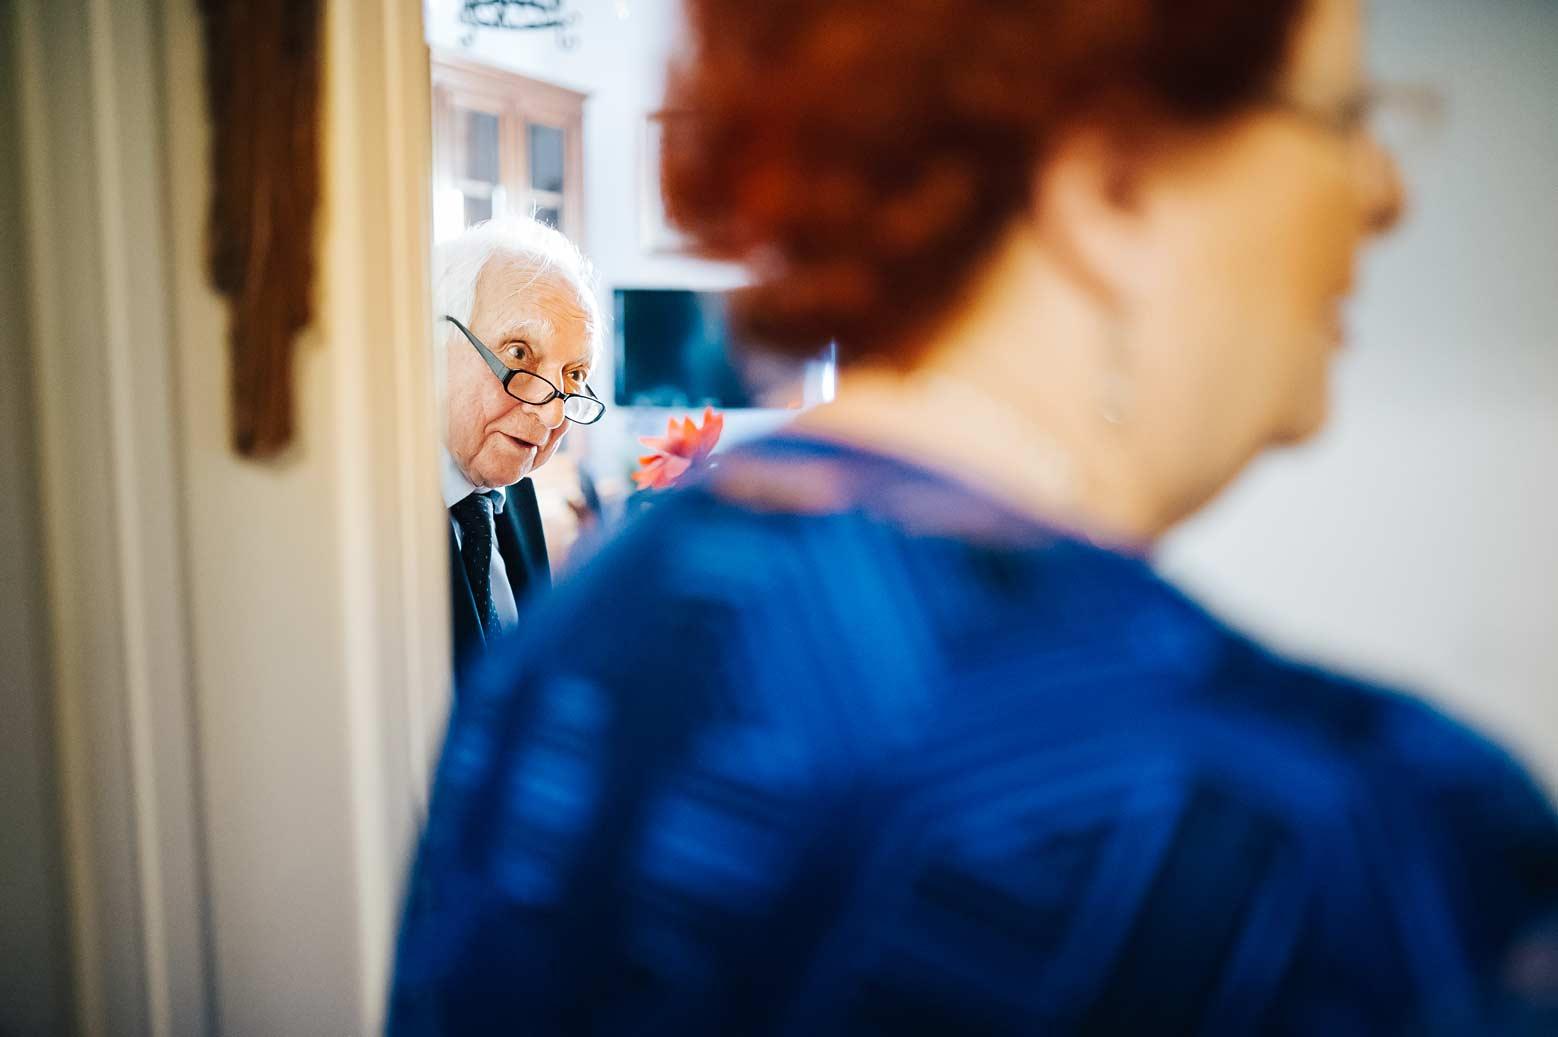 Fotografo-Matrimoni-Roma-Reportage-Preparativi-Sposa